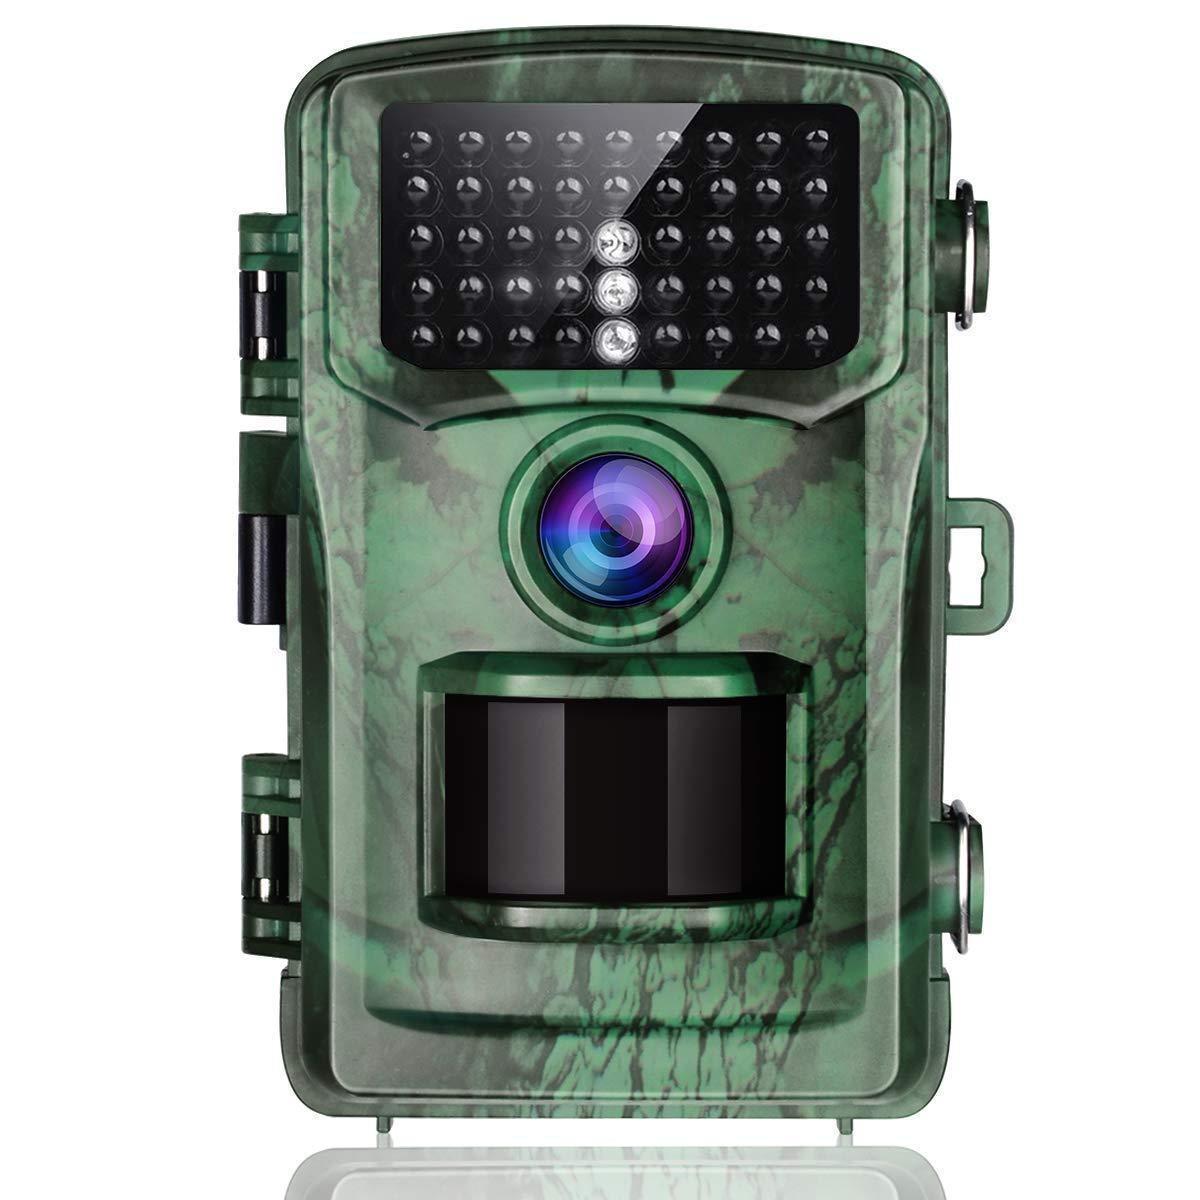 """TOGUARD Caméra de Chasse 14MP 1080P Scoutisme Caméra Détecteur de Mouvement Vision de Nuit avec LCD Écran 2,4"""" IP56 Étanche pour Animaux Sauvages de Chasse et Sécurité à Domicile product image"""